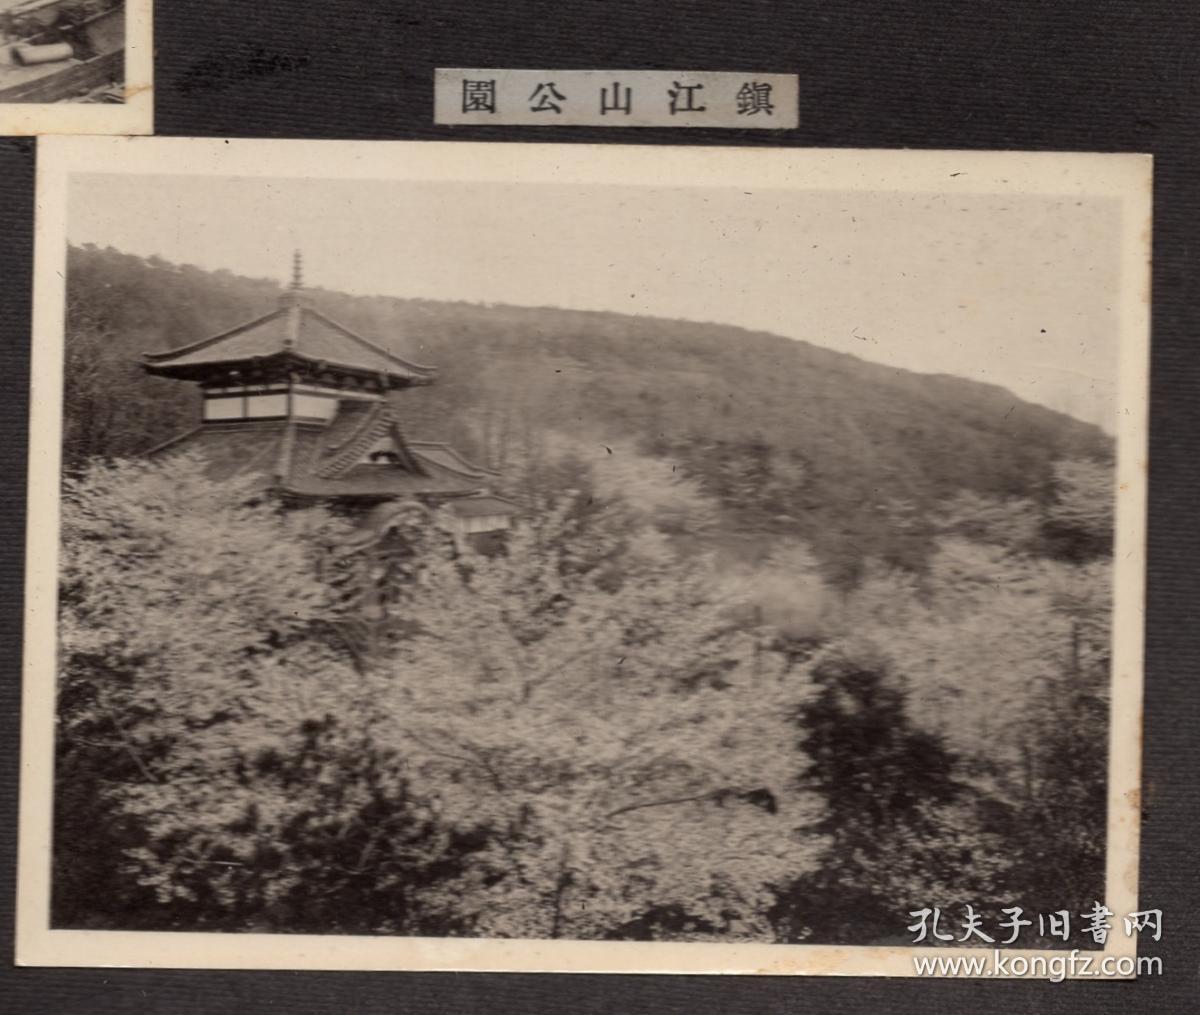 """丹东市(时称""""安东市"""")风貌 日本殖民伪满洲国时期 一组14张银盐老照片图片"""